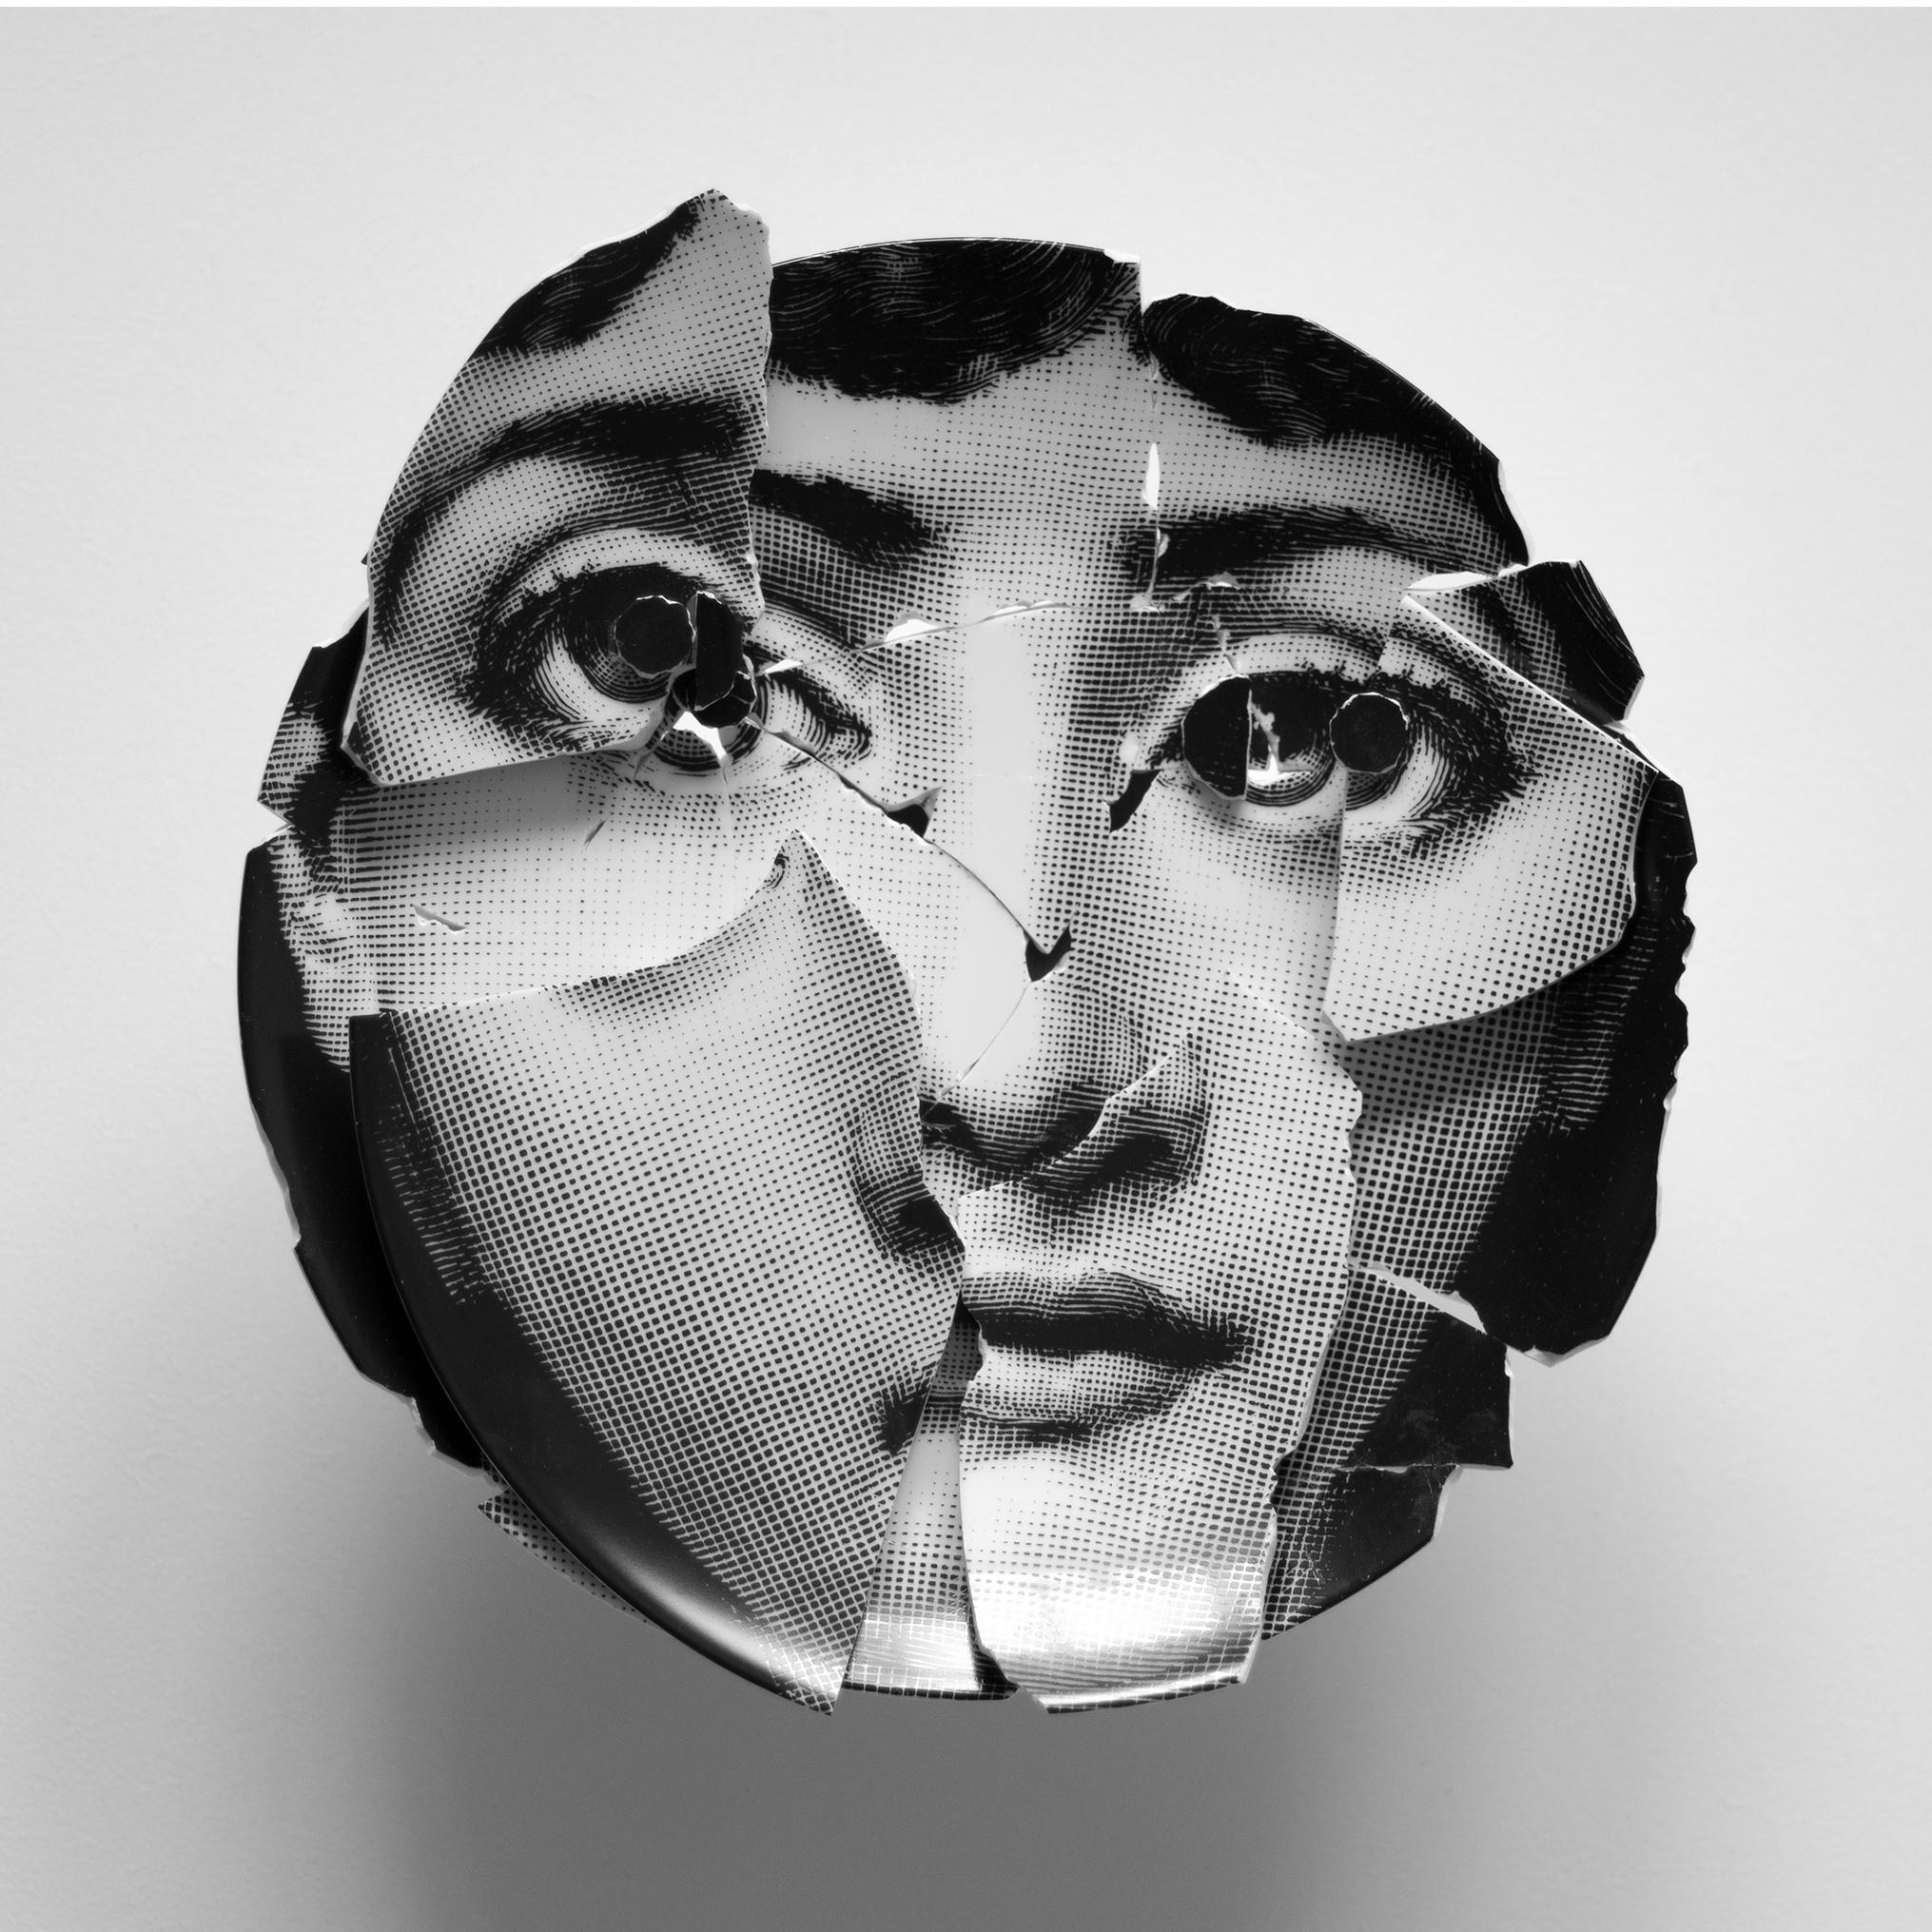 La poetica di Carlo Dell'Acqua da Fornasetti. Interventi concettuali sul viso di Lina Cavalieri, volto icona dell'atelier